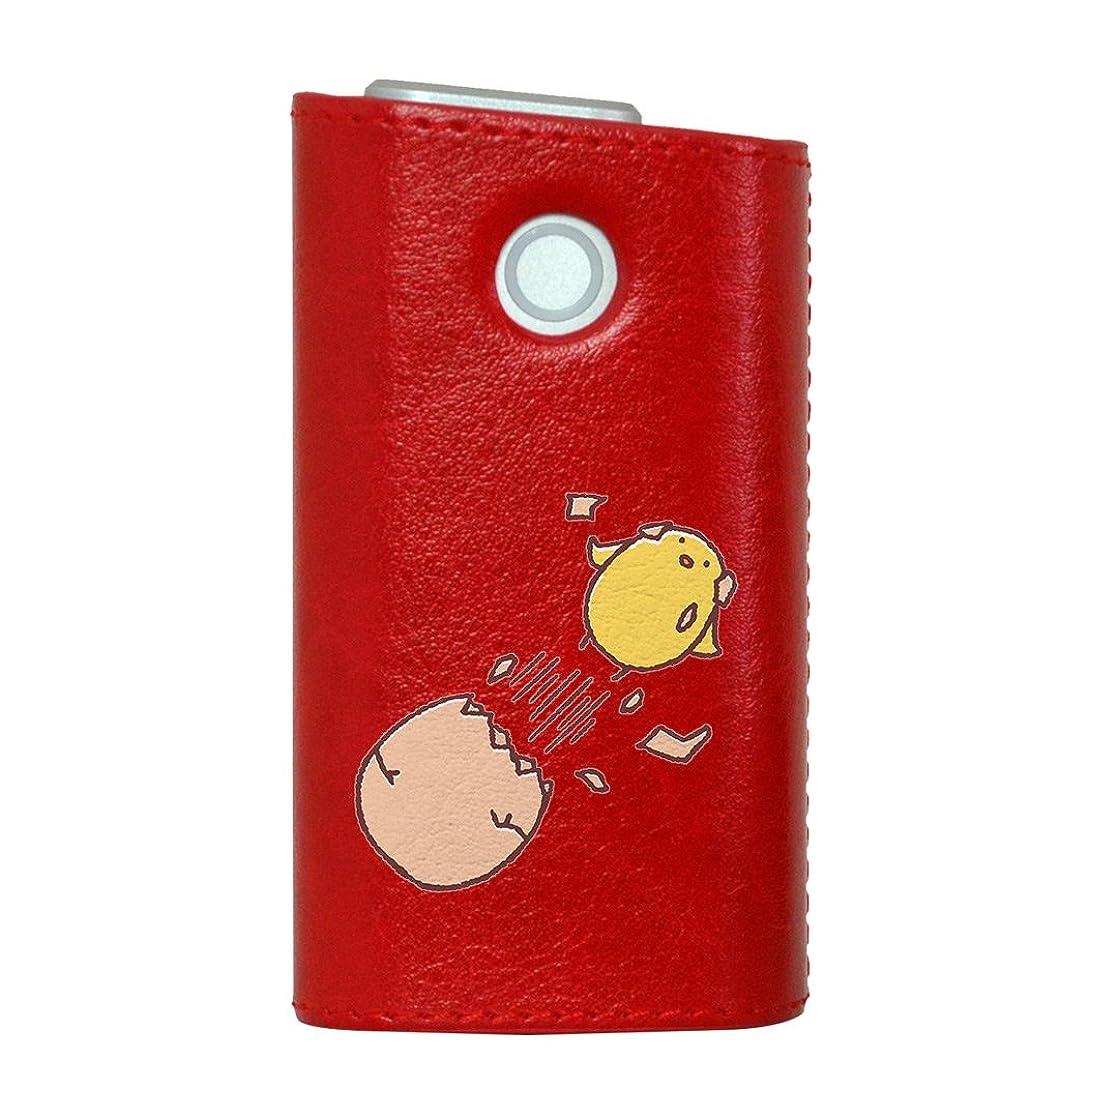 本を読むハイランド実際glo グロー グロウ 専用 レザーケース レザーカバー タバコ ケース カバー 合皮 ハードケース カバー 収納 デザイン 革 皮 RED レッド 鳥 ひよこ キャラクター 009558